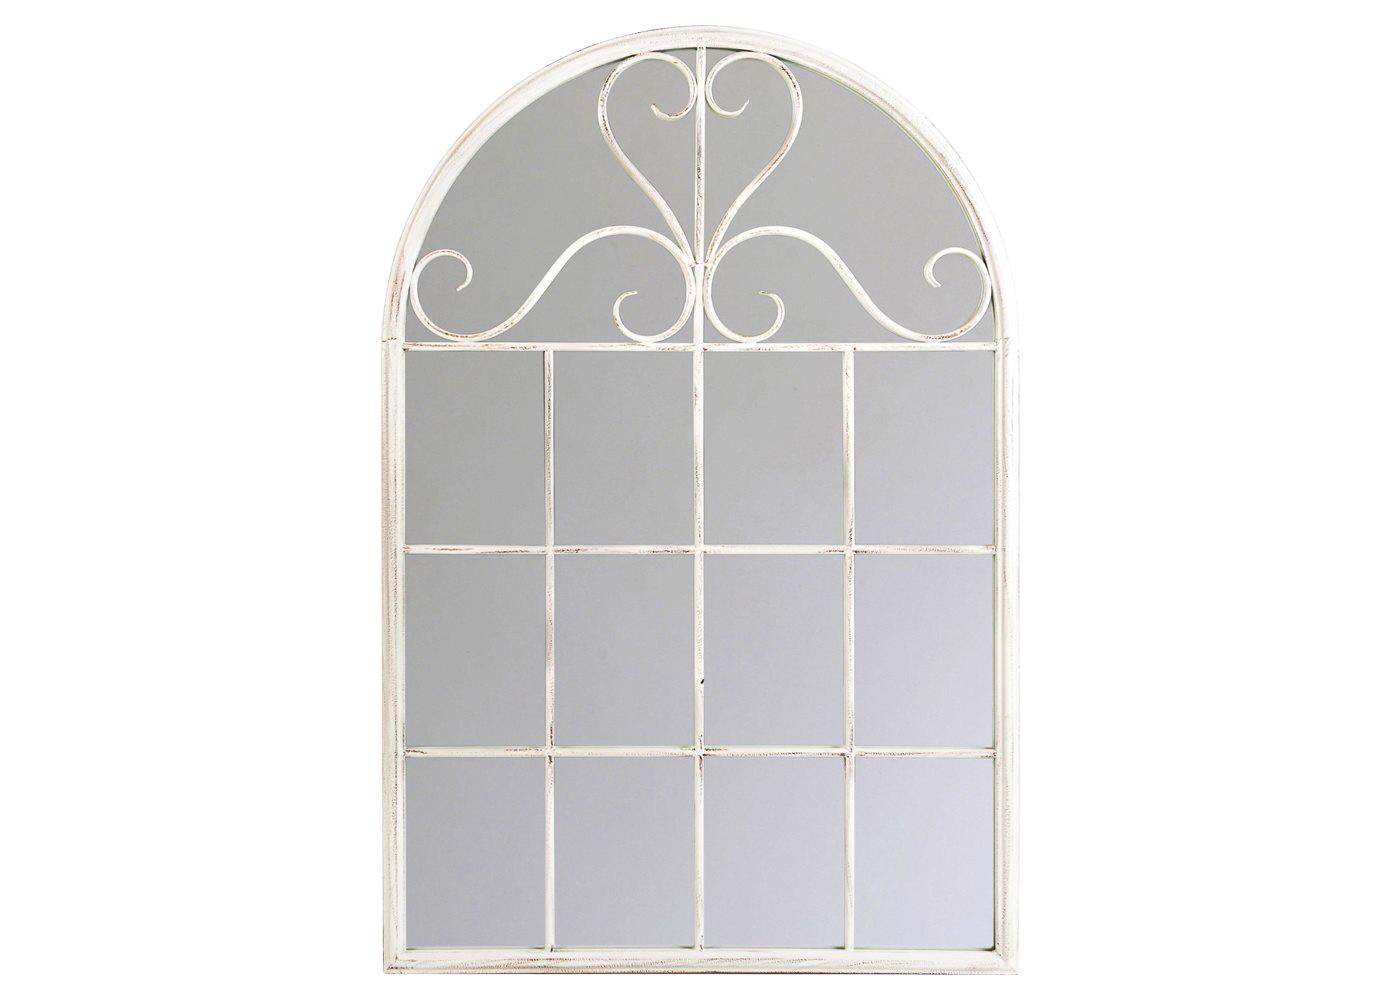 Настенное зеркало «Венсен» (белый антик)Настенные зеркала<br>Дизайн зеркала &amp;quot;Венсен&amp;quot; напоминает романтичные оконные рамы позапрошлого столетья. Галерея зеркальных &amp;quot;окон&amp;quot; - эффектный имидж старинного поместья, пронизанного атмосферой свежего воздуха и света. Этот дизайн дружественен большинству интерьерных стилей, от романского до &amp;quot;модерна&amp;quot;. Особый комплимент - почитателям французского &amp;quot;прованса&amp;quot;. Просторное зеркало - непременный элемент гостиной и столовой, холла и прихожей. <br>Арочная форма зеркала &amp;quot;Венсен&amp;quot; увенчана плавным узором, придающим лаконичному дизайну эффект пышности и легкости. <br>Классический белый цвет оправы зеркала - залог гармонии с большинством предметов мебели и декора. <br>Любое помещение, наряженное аксессуарами из тонких белых линий, остается светлым и просторным.  <br>Зеркала, покрытые серебряной амальгамой, обладают идеально ровной поверхностью, не боятся влаги и ультрафиолетовых лучей, они долговечны и не подвержены коррозии. <br>Металлические рамы прочны и неприхотливы в уходе. Вы можете смело пользоваться чистящими средствами для зеркала, не опасаясь повредить раму.<br>Размер: 75?113?2,5 см<br><br>Material: Металл